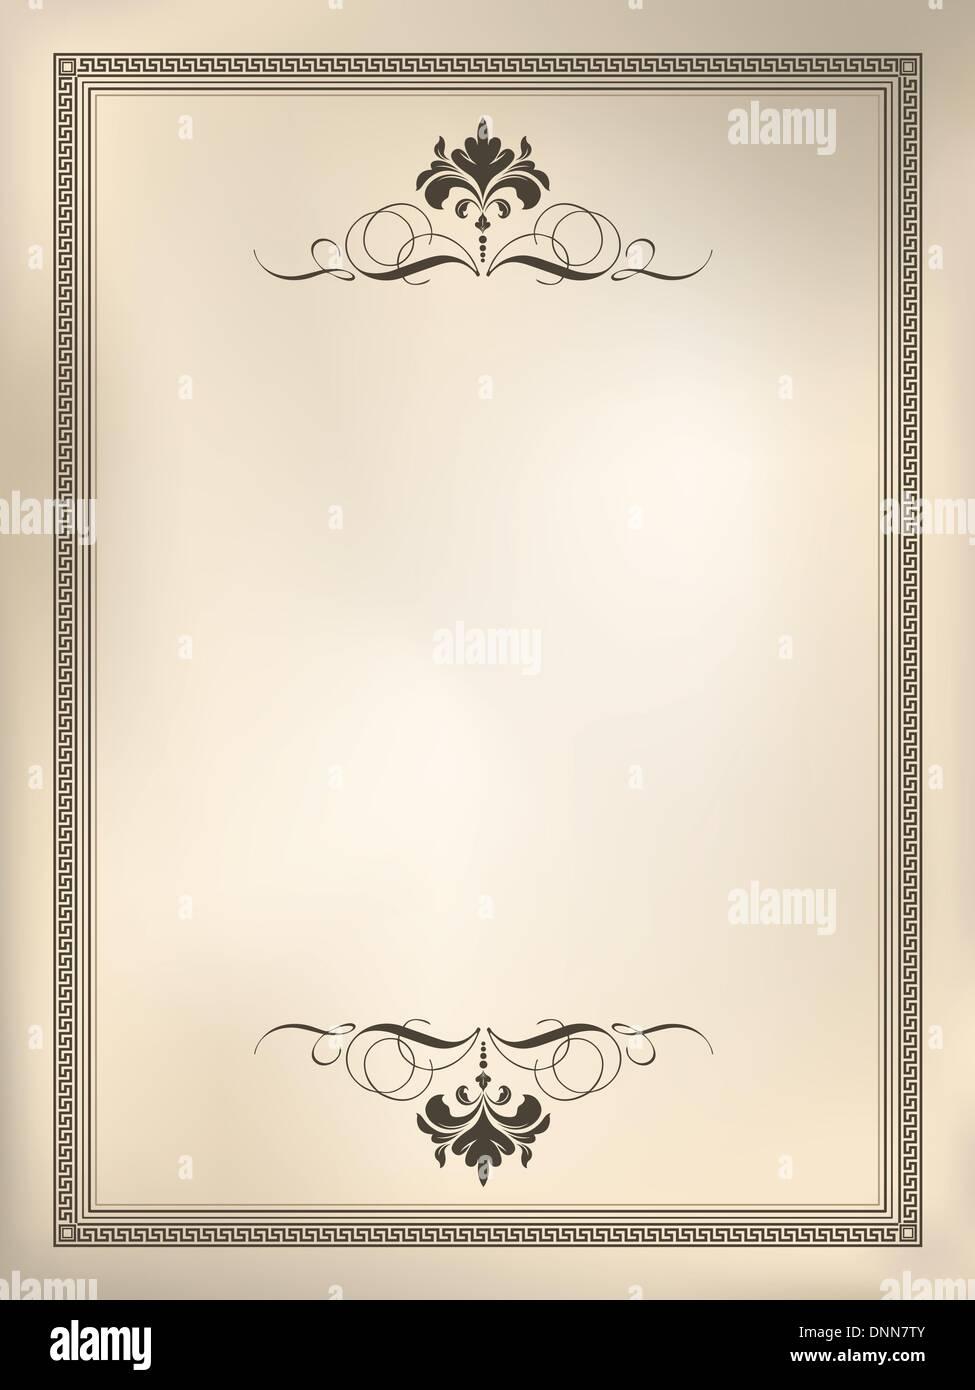 Decorative design background using sepia styled tones - Stock Image